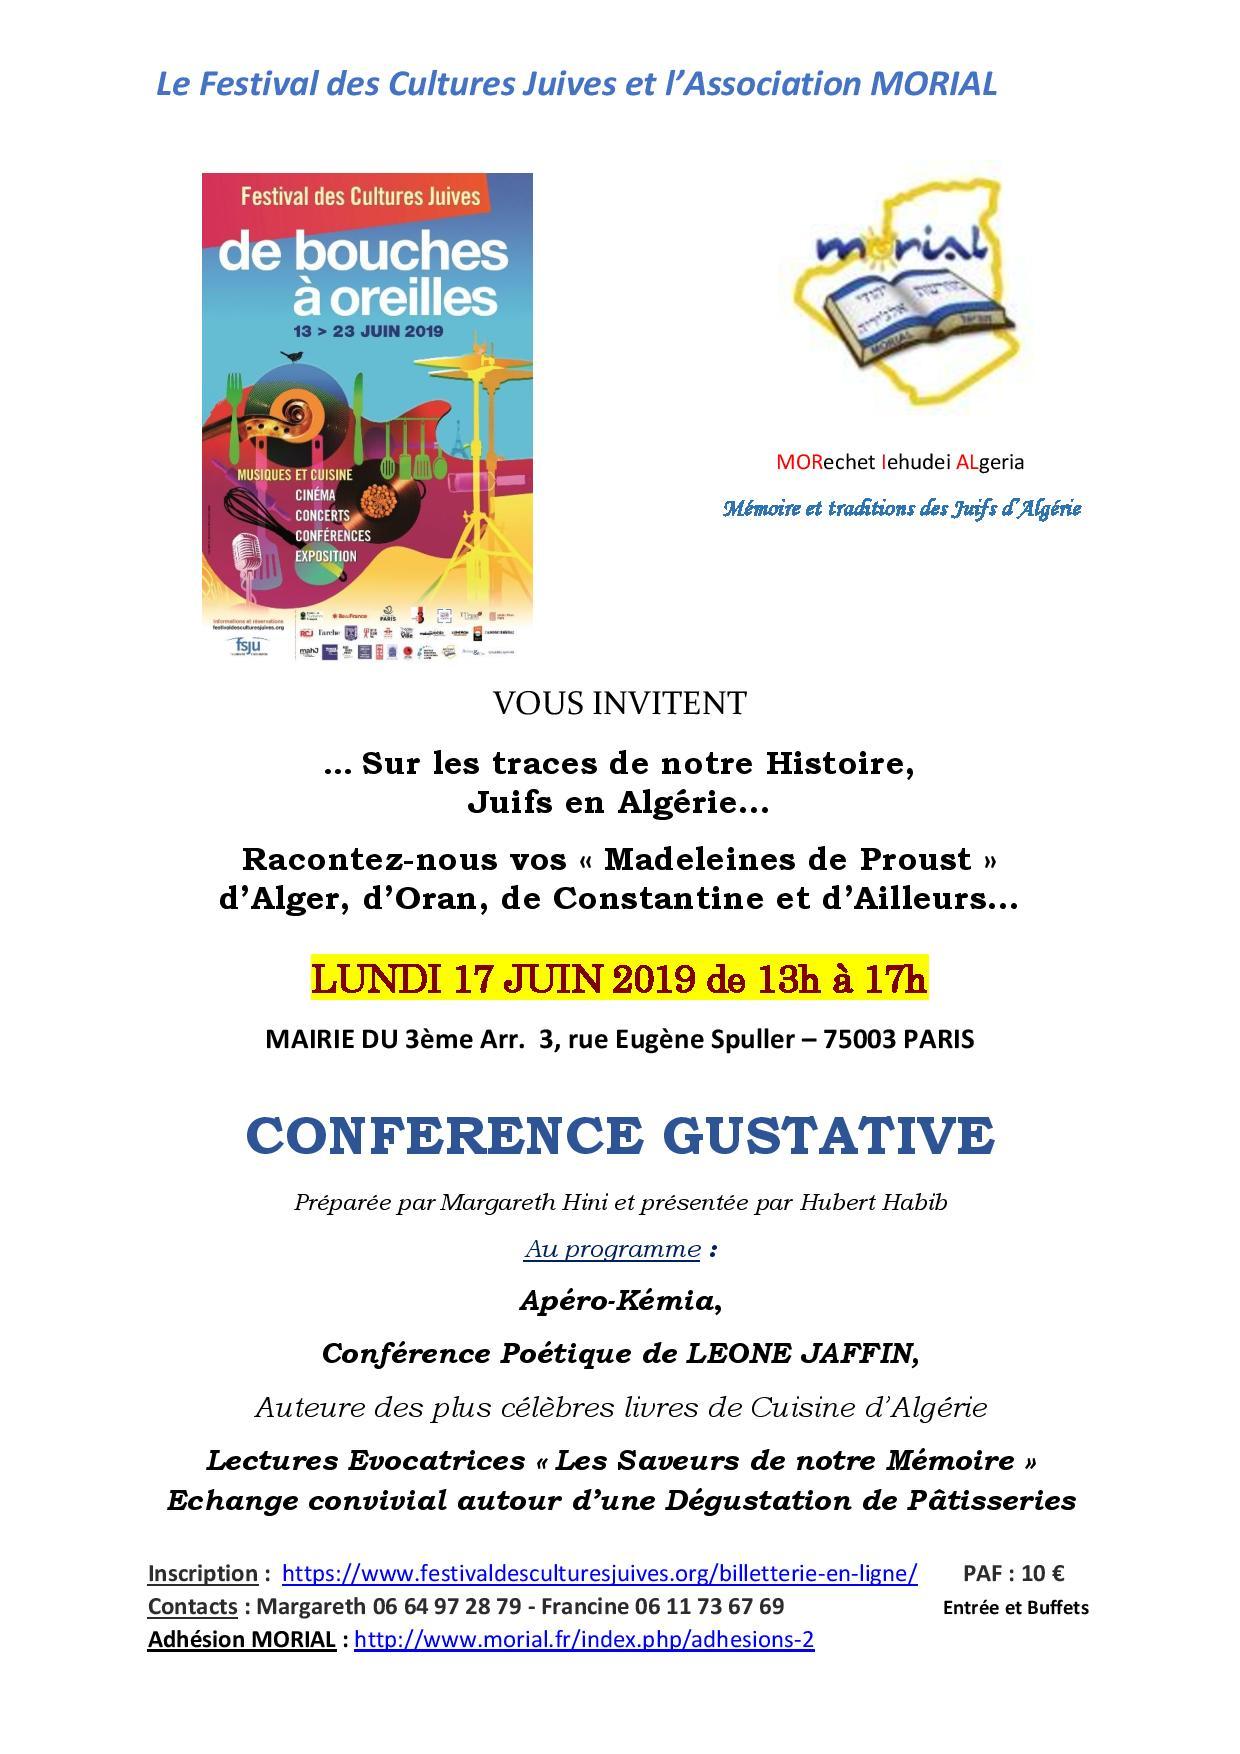 Conférence gustative - Les saveurs de notre mémoire, avec Leone Jaffin